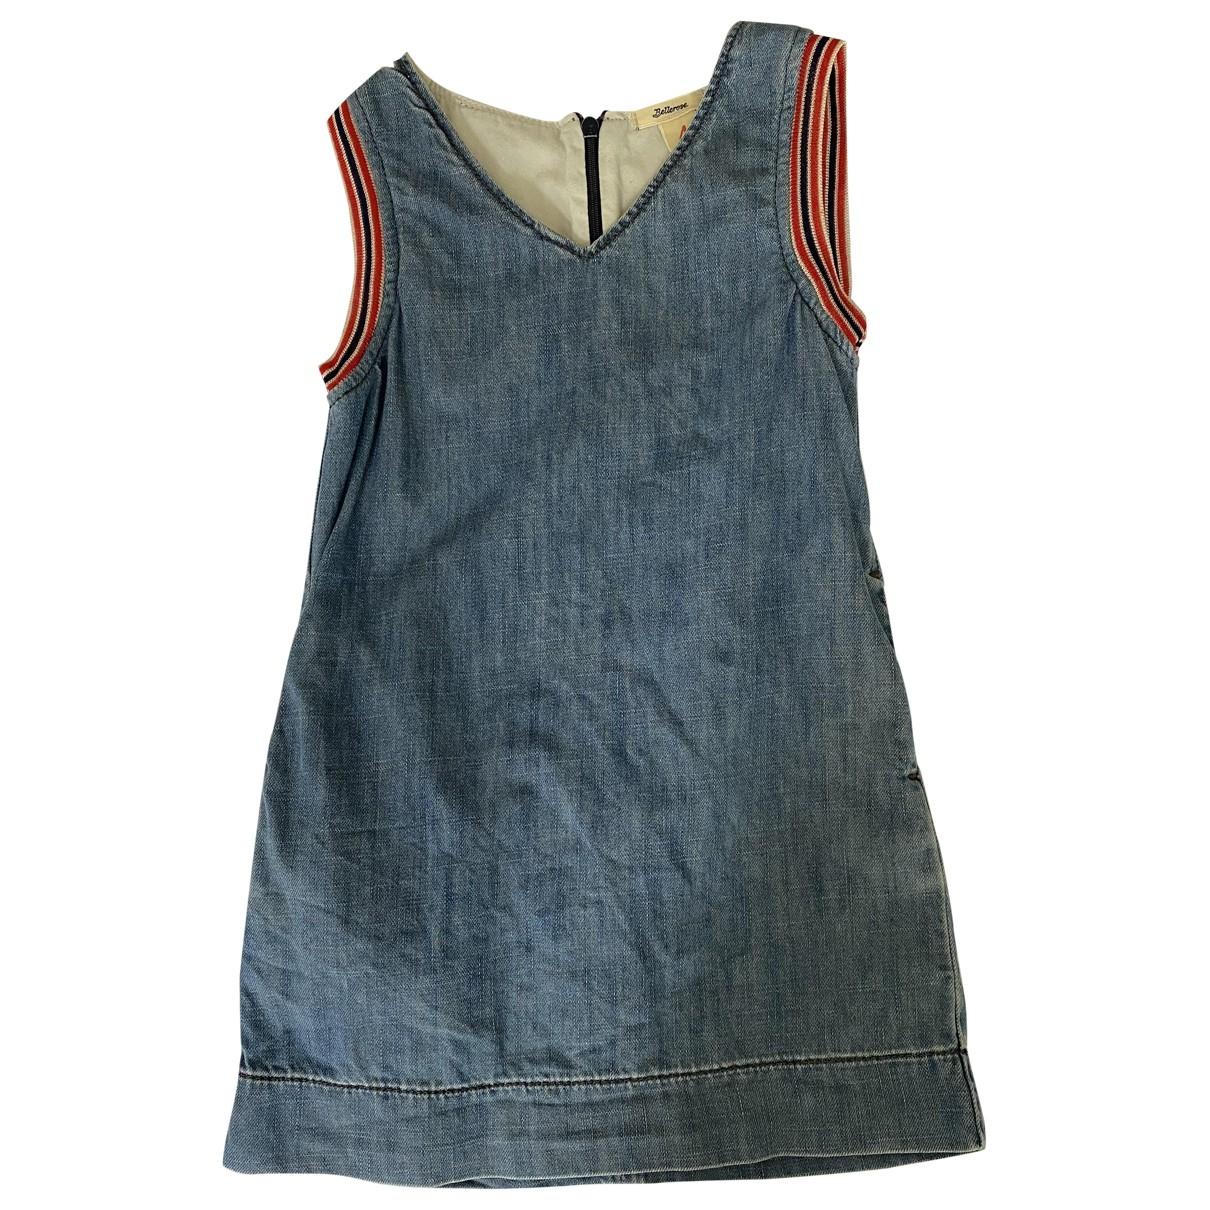 Bellerose - Robe    pour enfant en denim - bleu